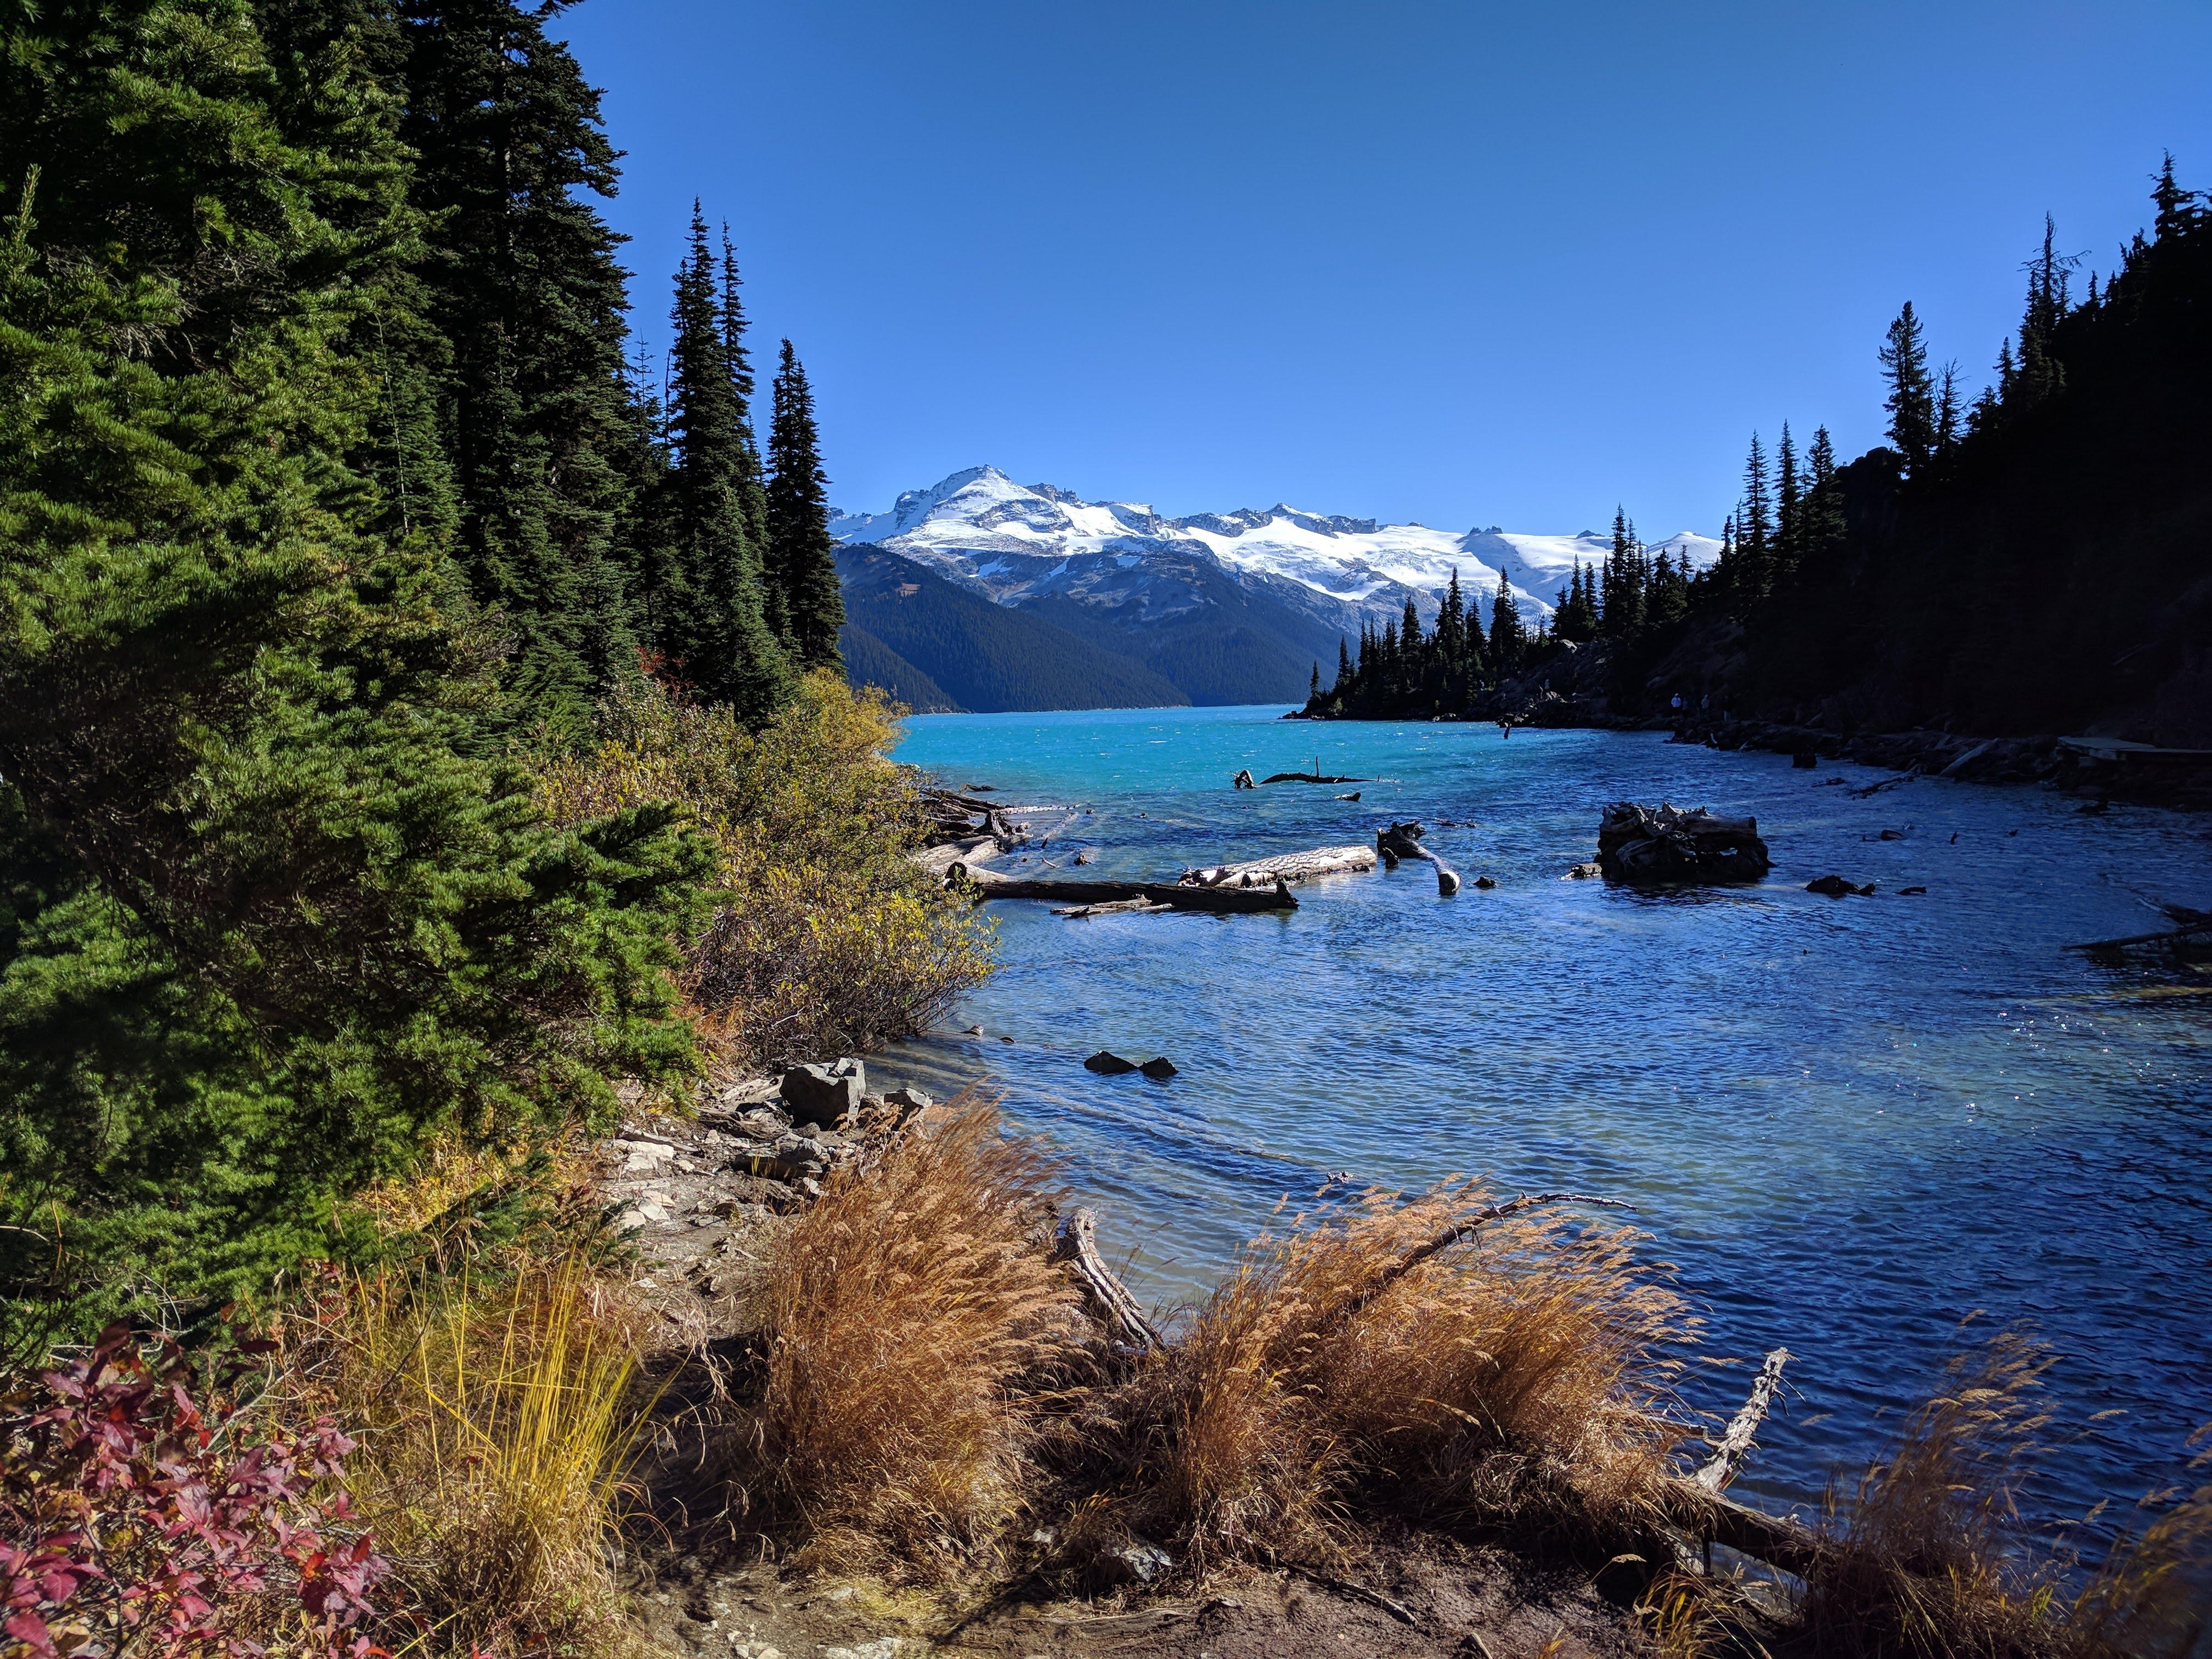 View of Garibaldi Lake